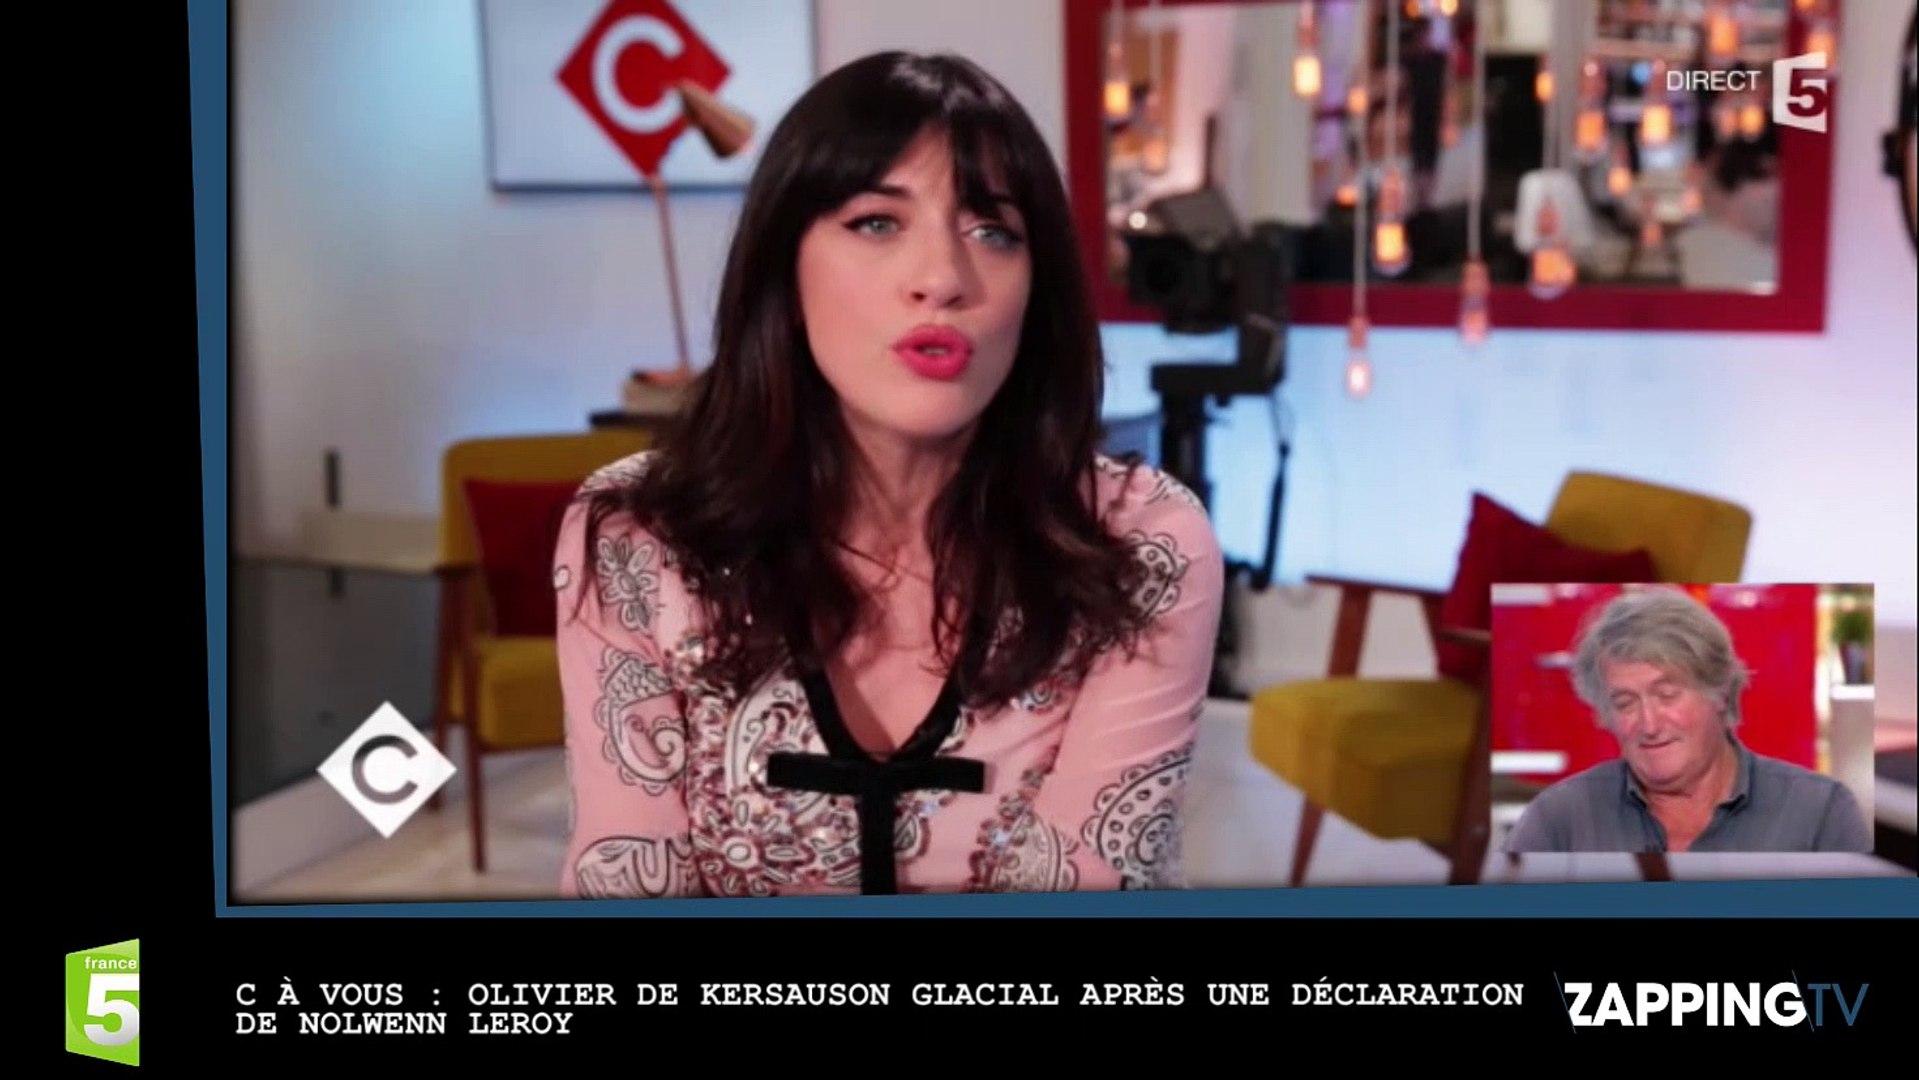 Nolwenn Leroy Olivier De Kersauson La Rembarre Violemment Dans C A Vous Video Dailymotion